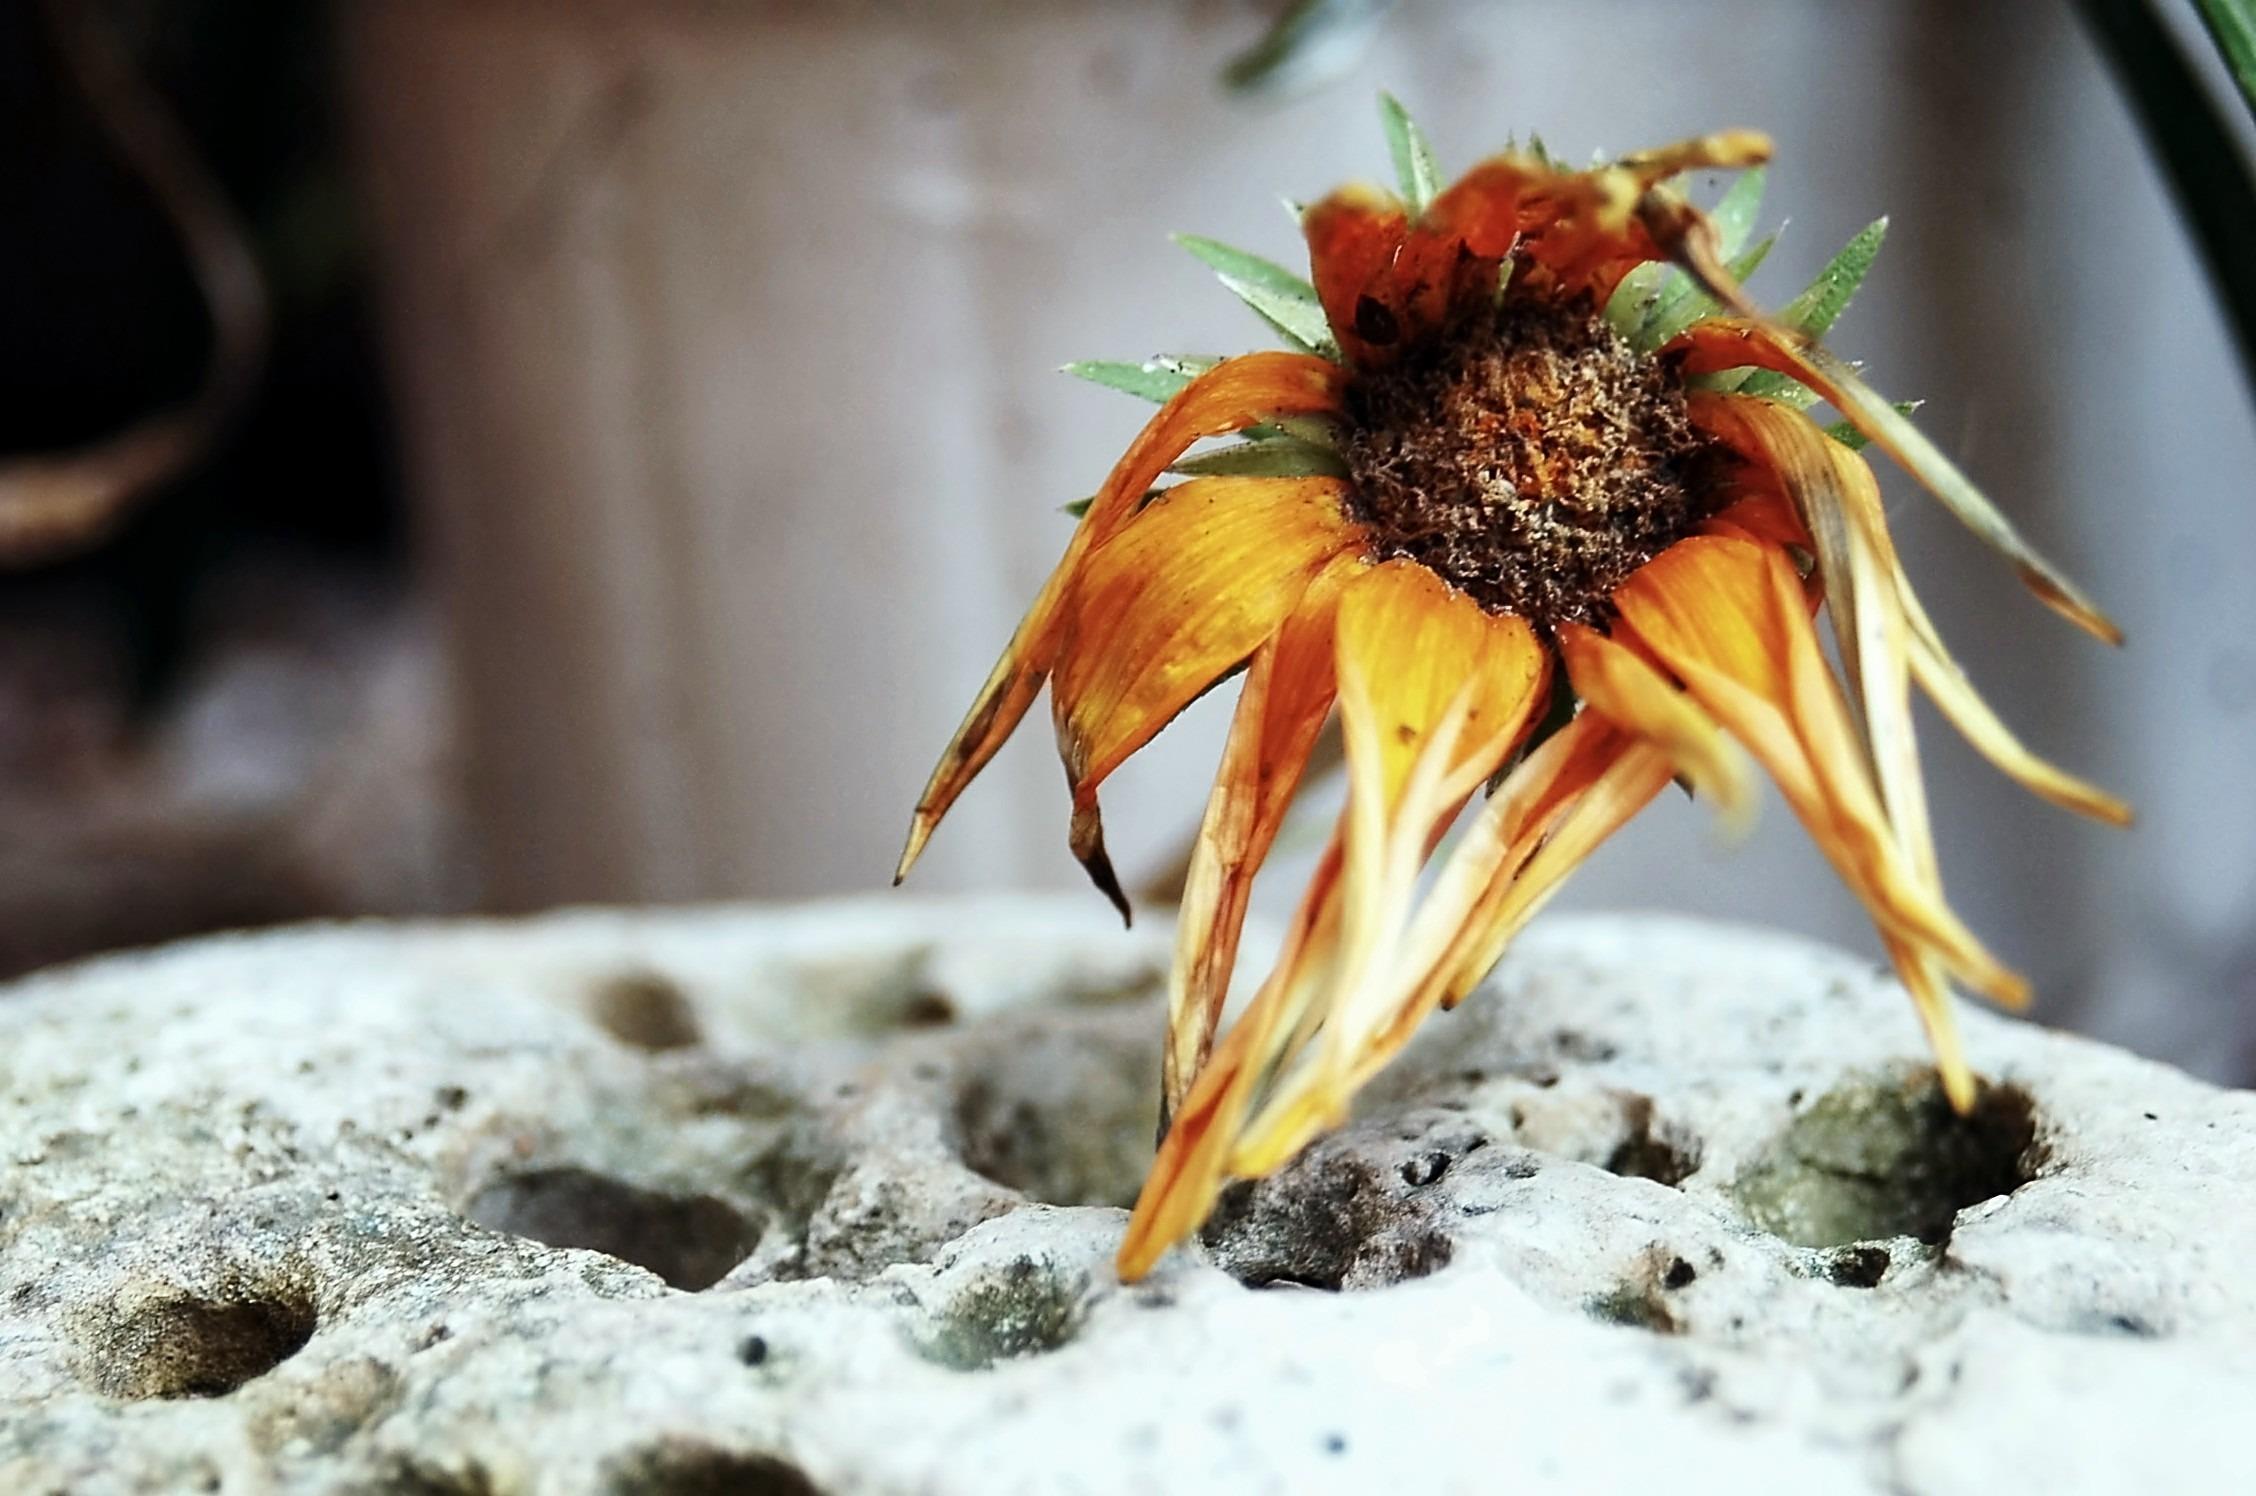 картинка засыхающего цветка она изящно, занимает